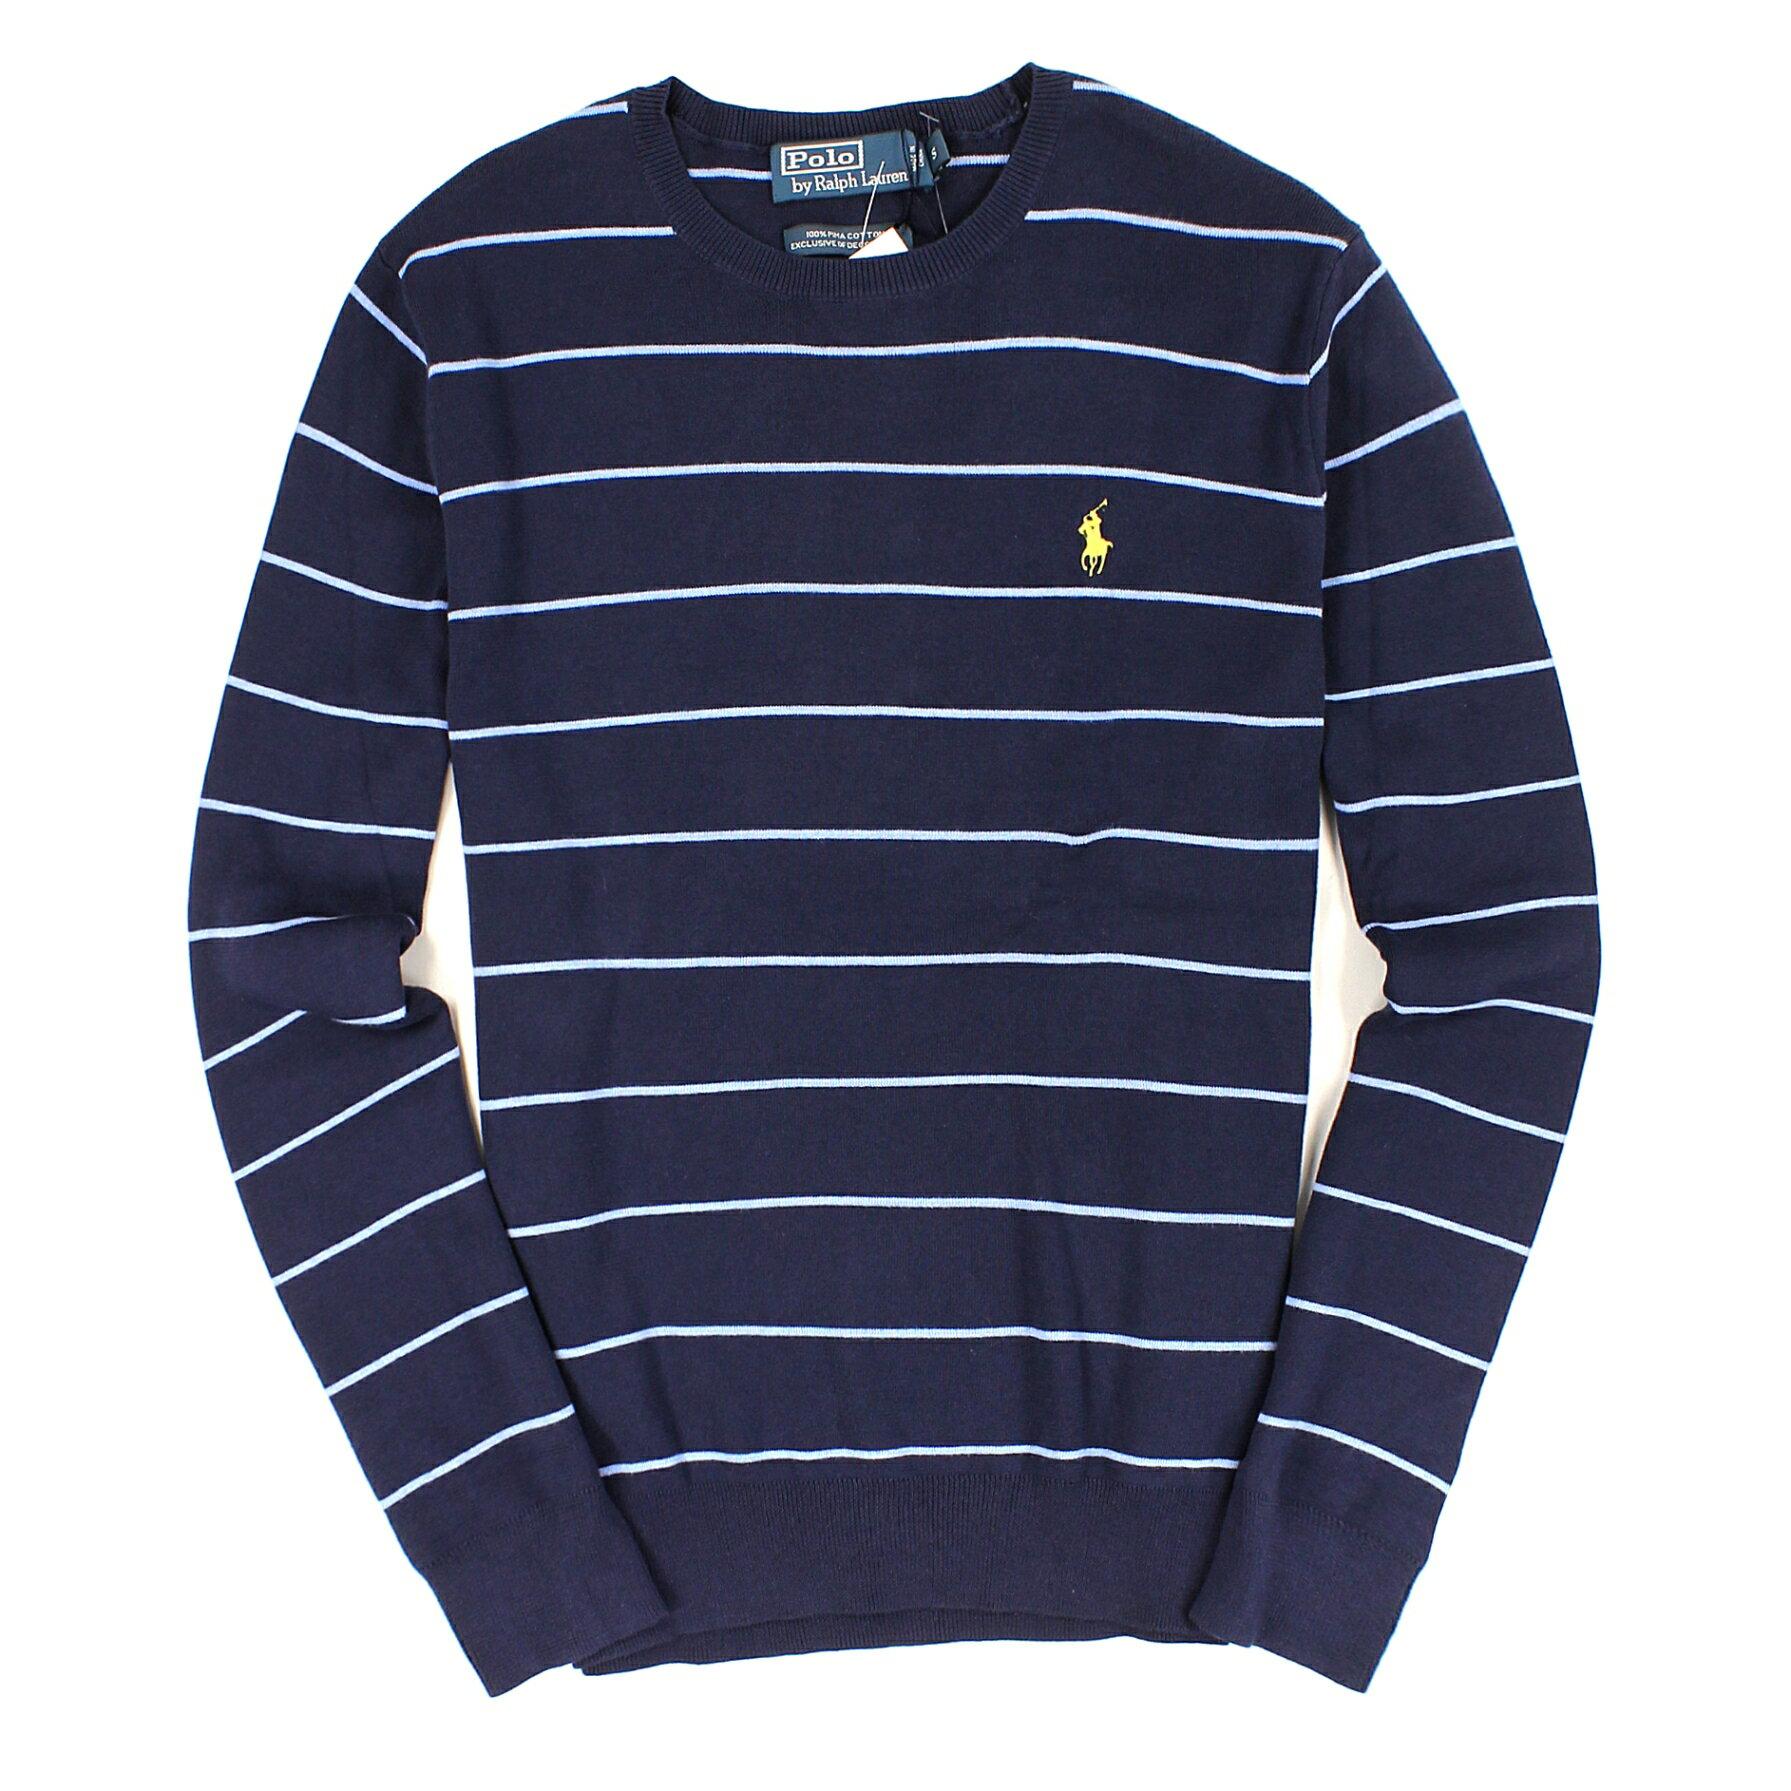 美國百分百【全新真品】Ralph Lauren 針織衫 RL 棉質毛衣 Polo 小馬 深藍 條紋 純棉 男 S號 C006